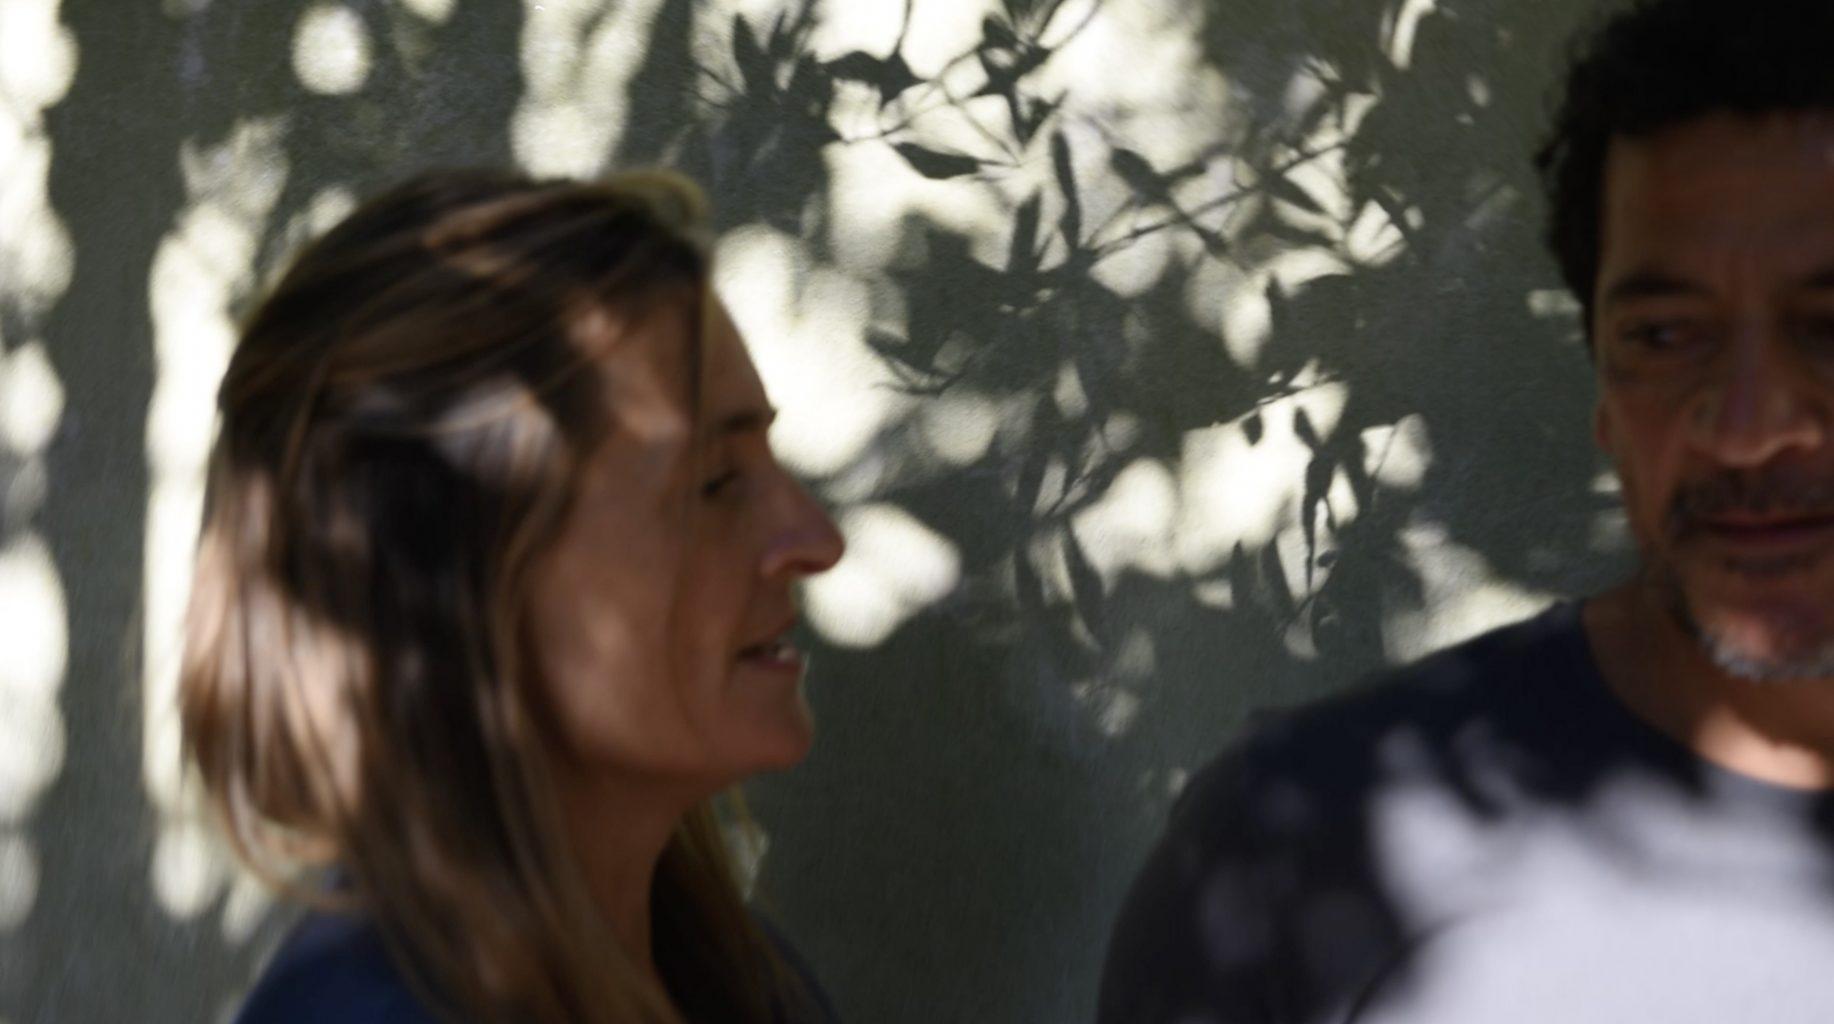 Sharon Bowles & Edgar Linares